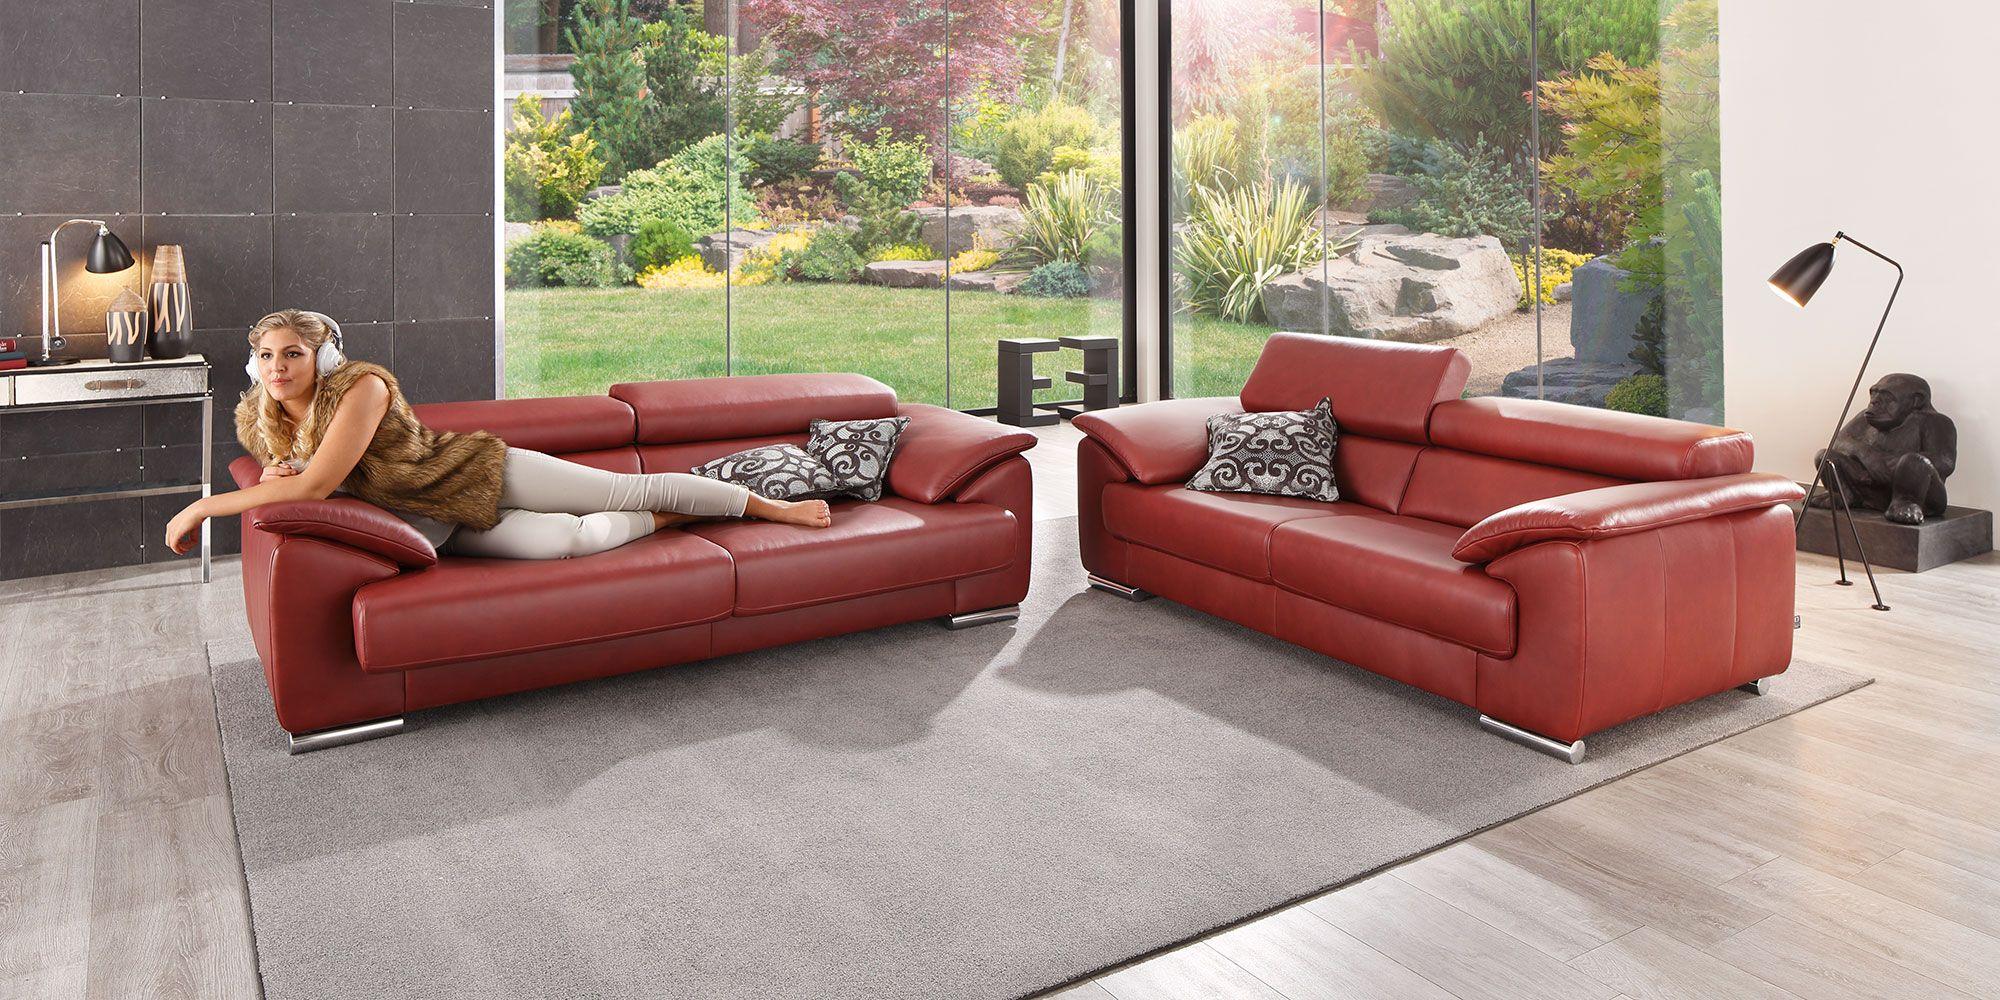 Hersteller Sofa blues ewald schillig brand hersteller polstermöbel sofas